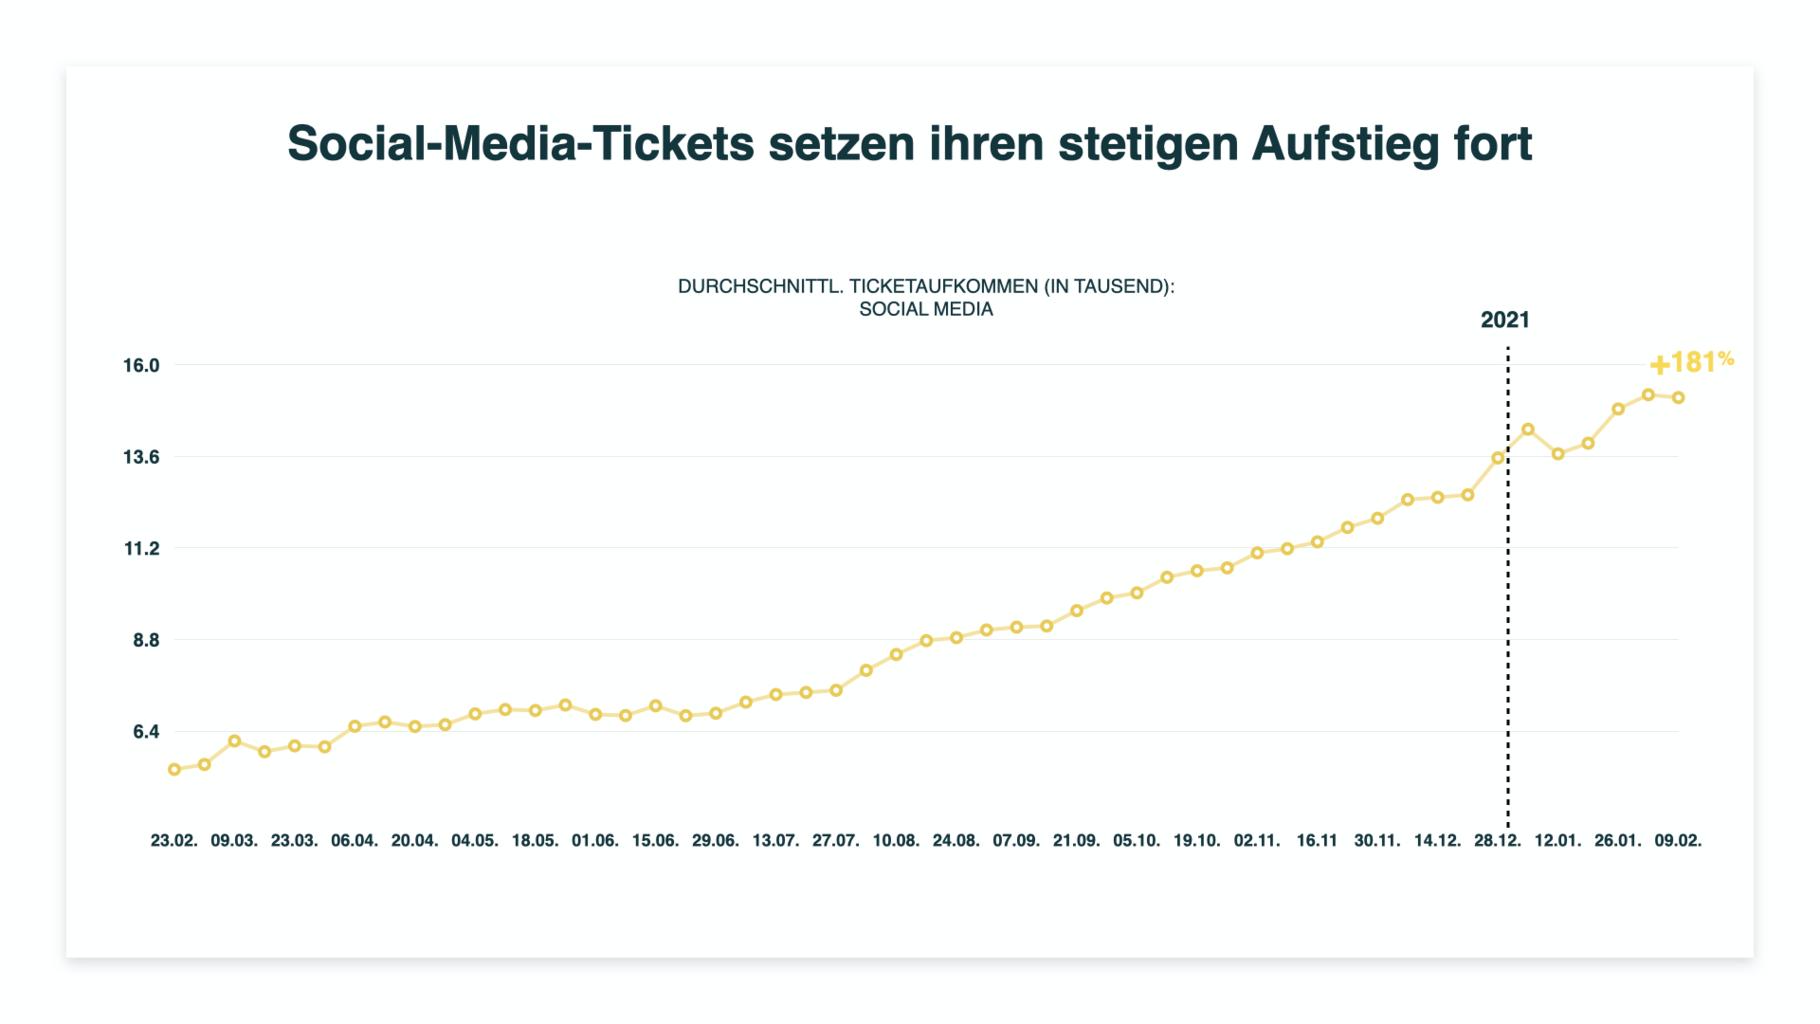 social media tickets hoch